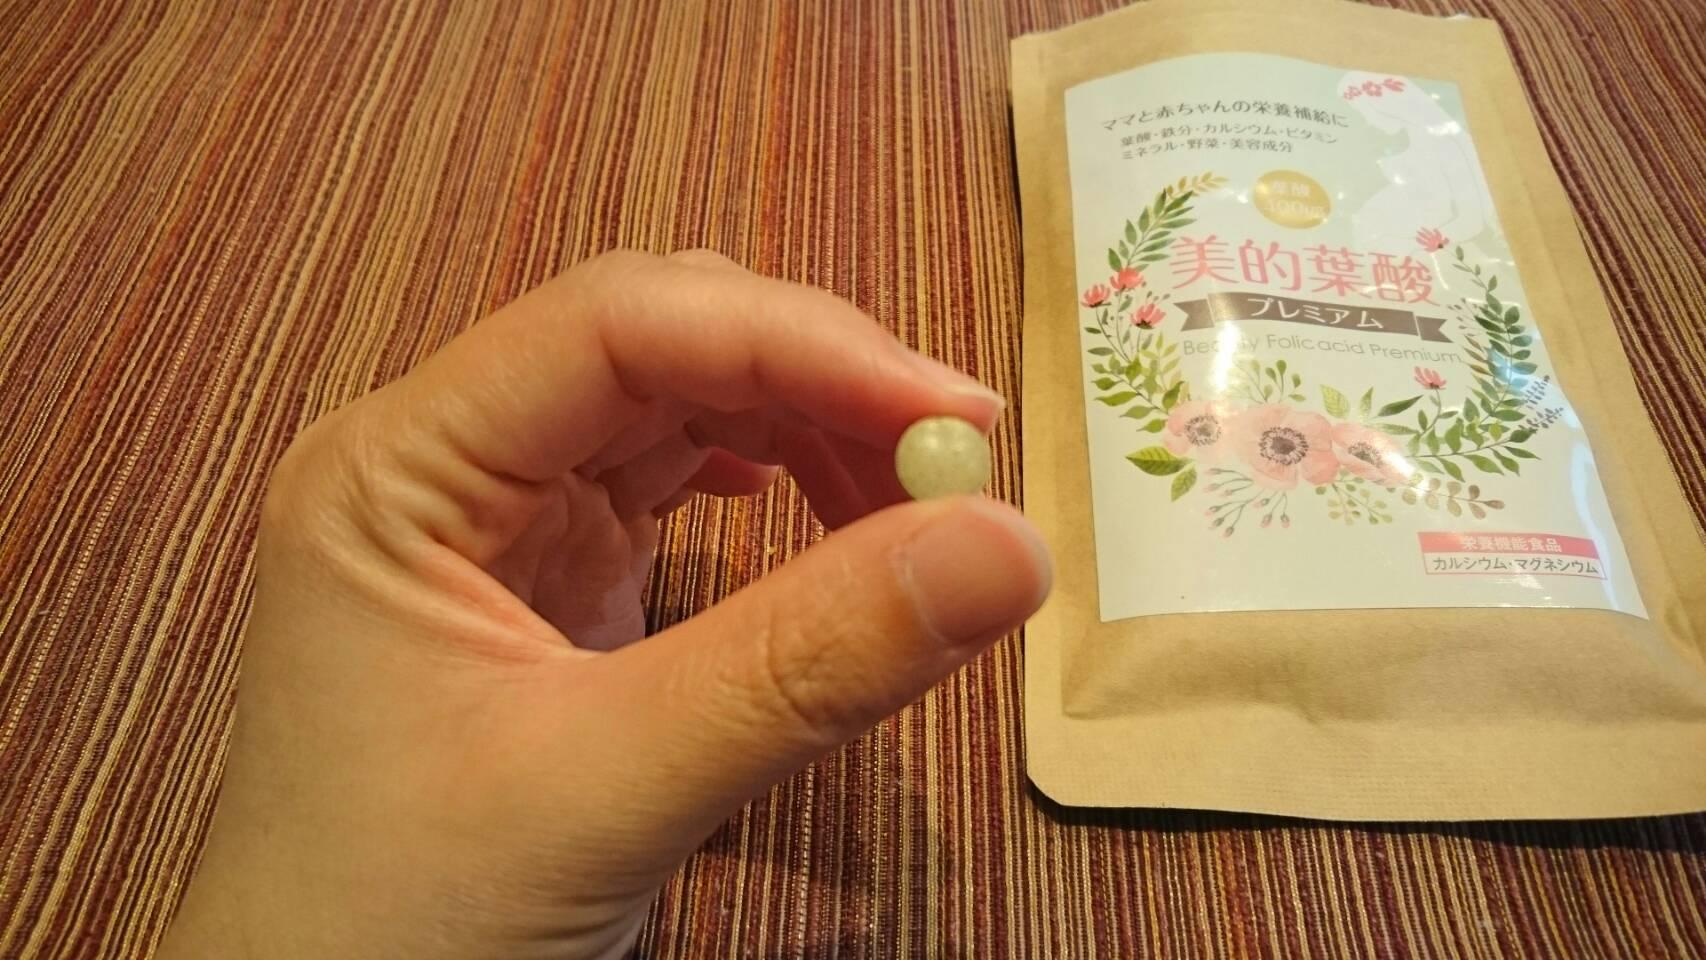 美的葉酸プレミアムの粒